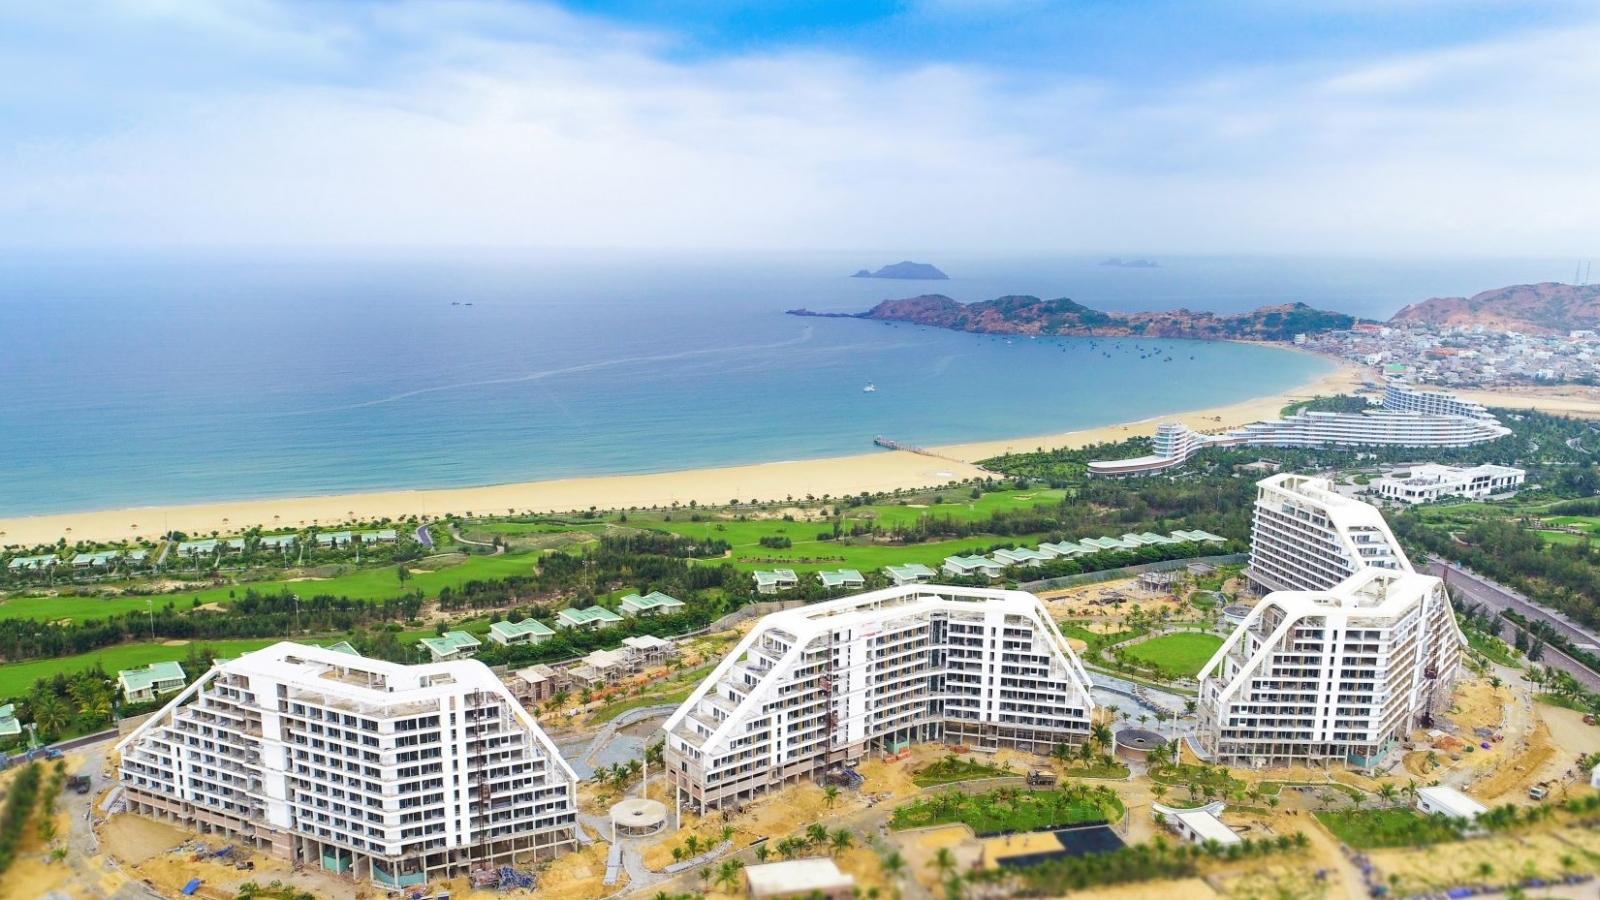 Ấn tượng khách sạn quy mô bậc nhất Việt Nam